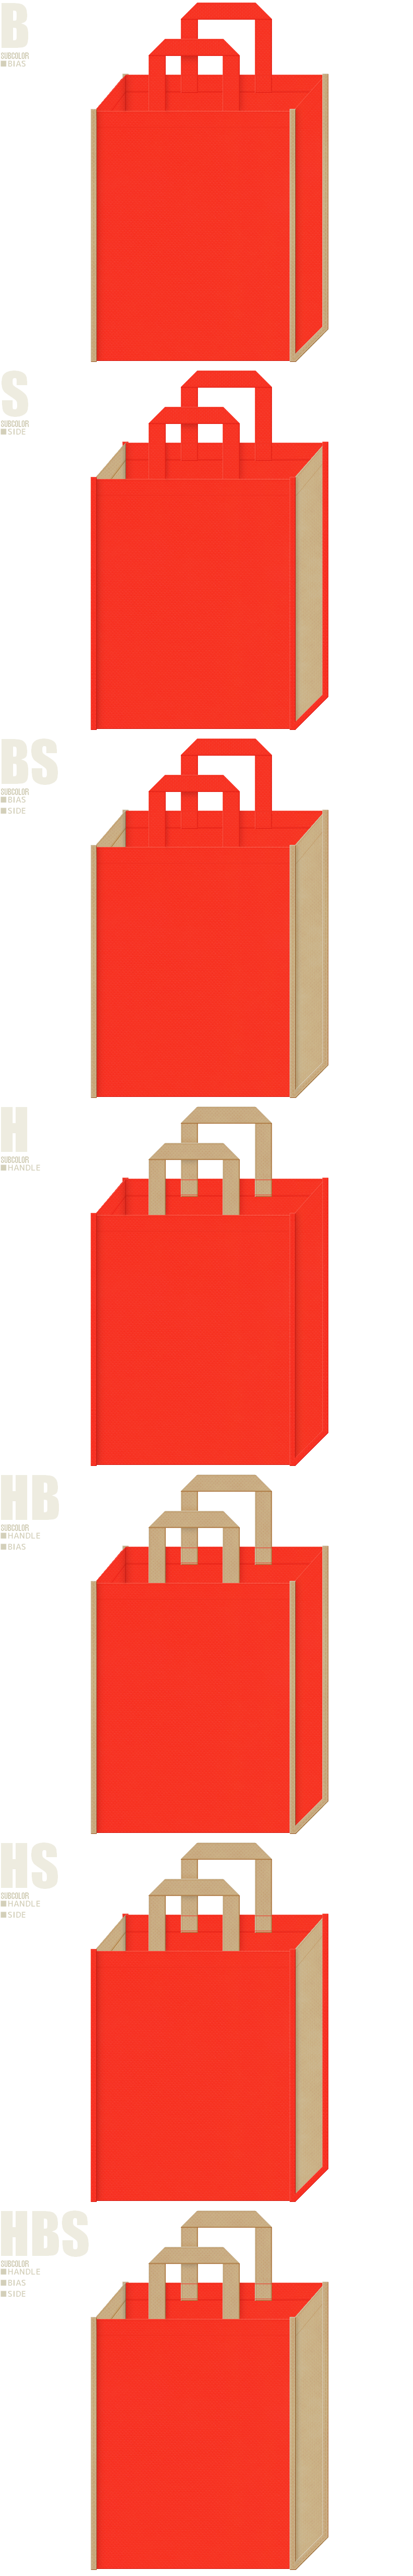 オレンジ色とカーキ色-7パターンの不織布トートバッグ配色デザイン例